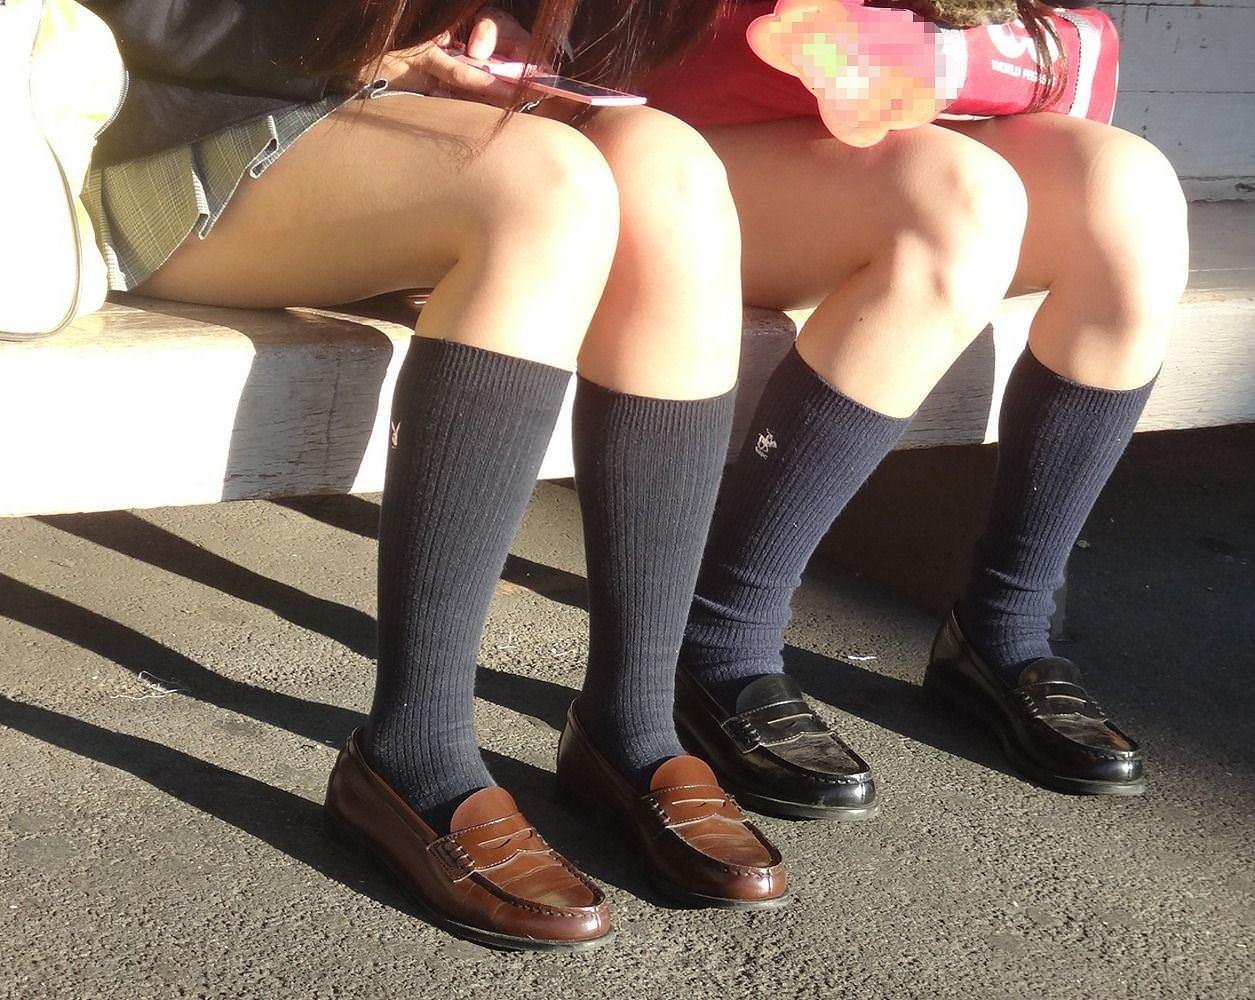 女子高生は50%太ももで出来ていると言う証拠画像がこちらwwwwwwwww phhohag